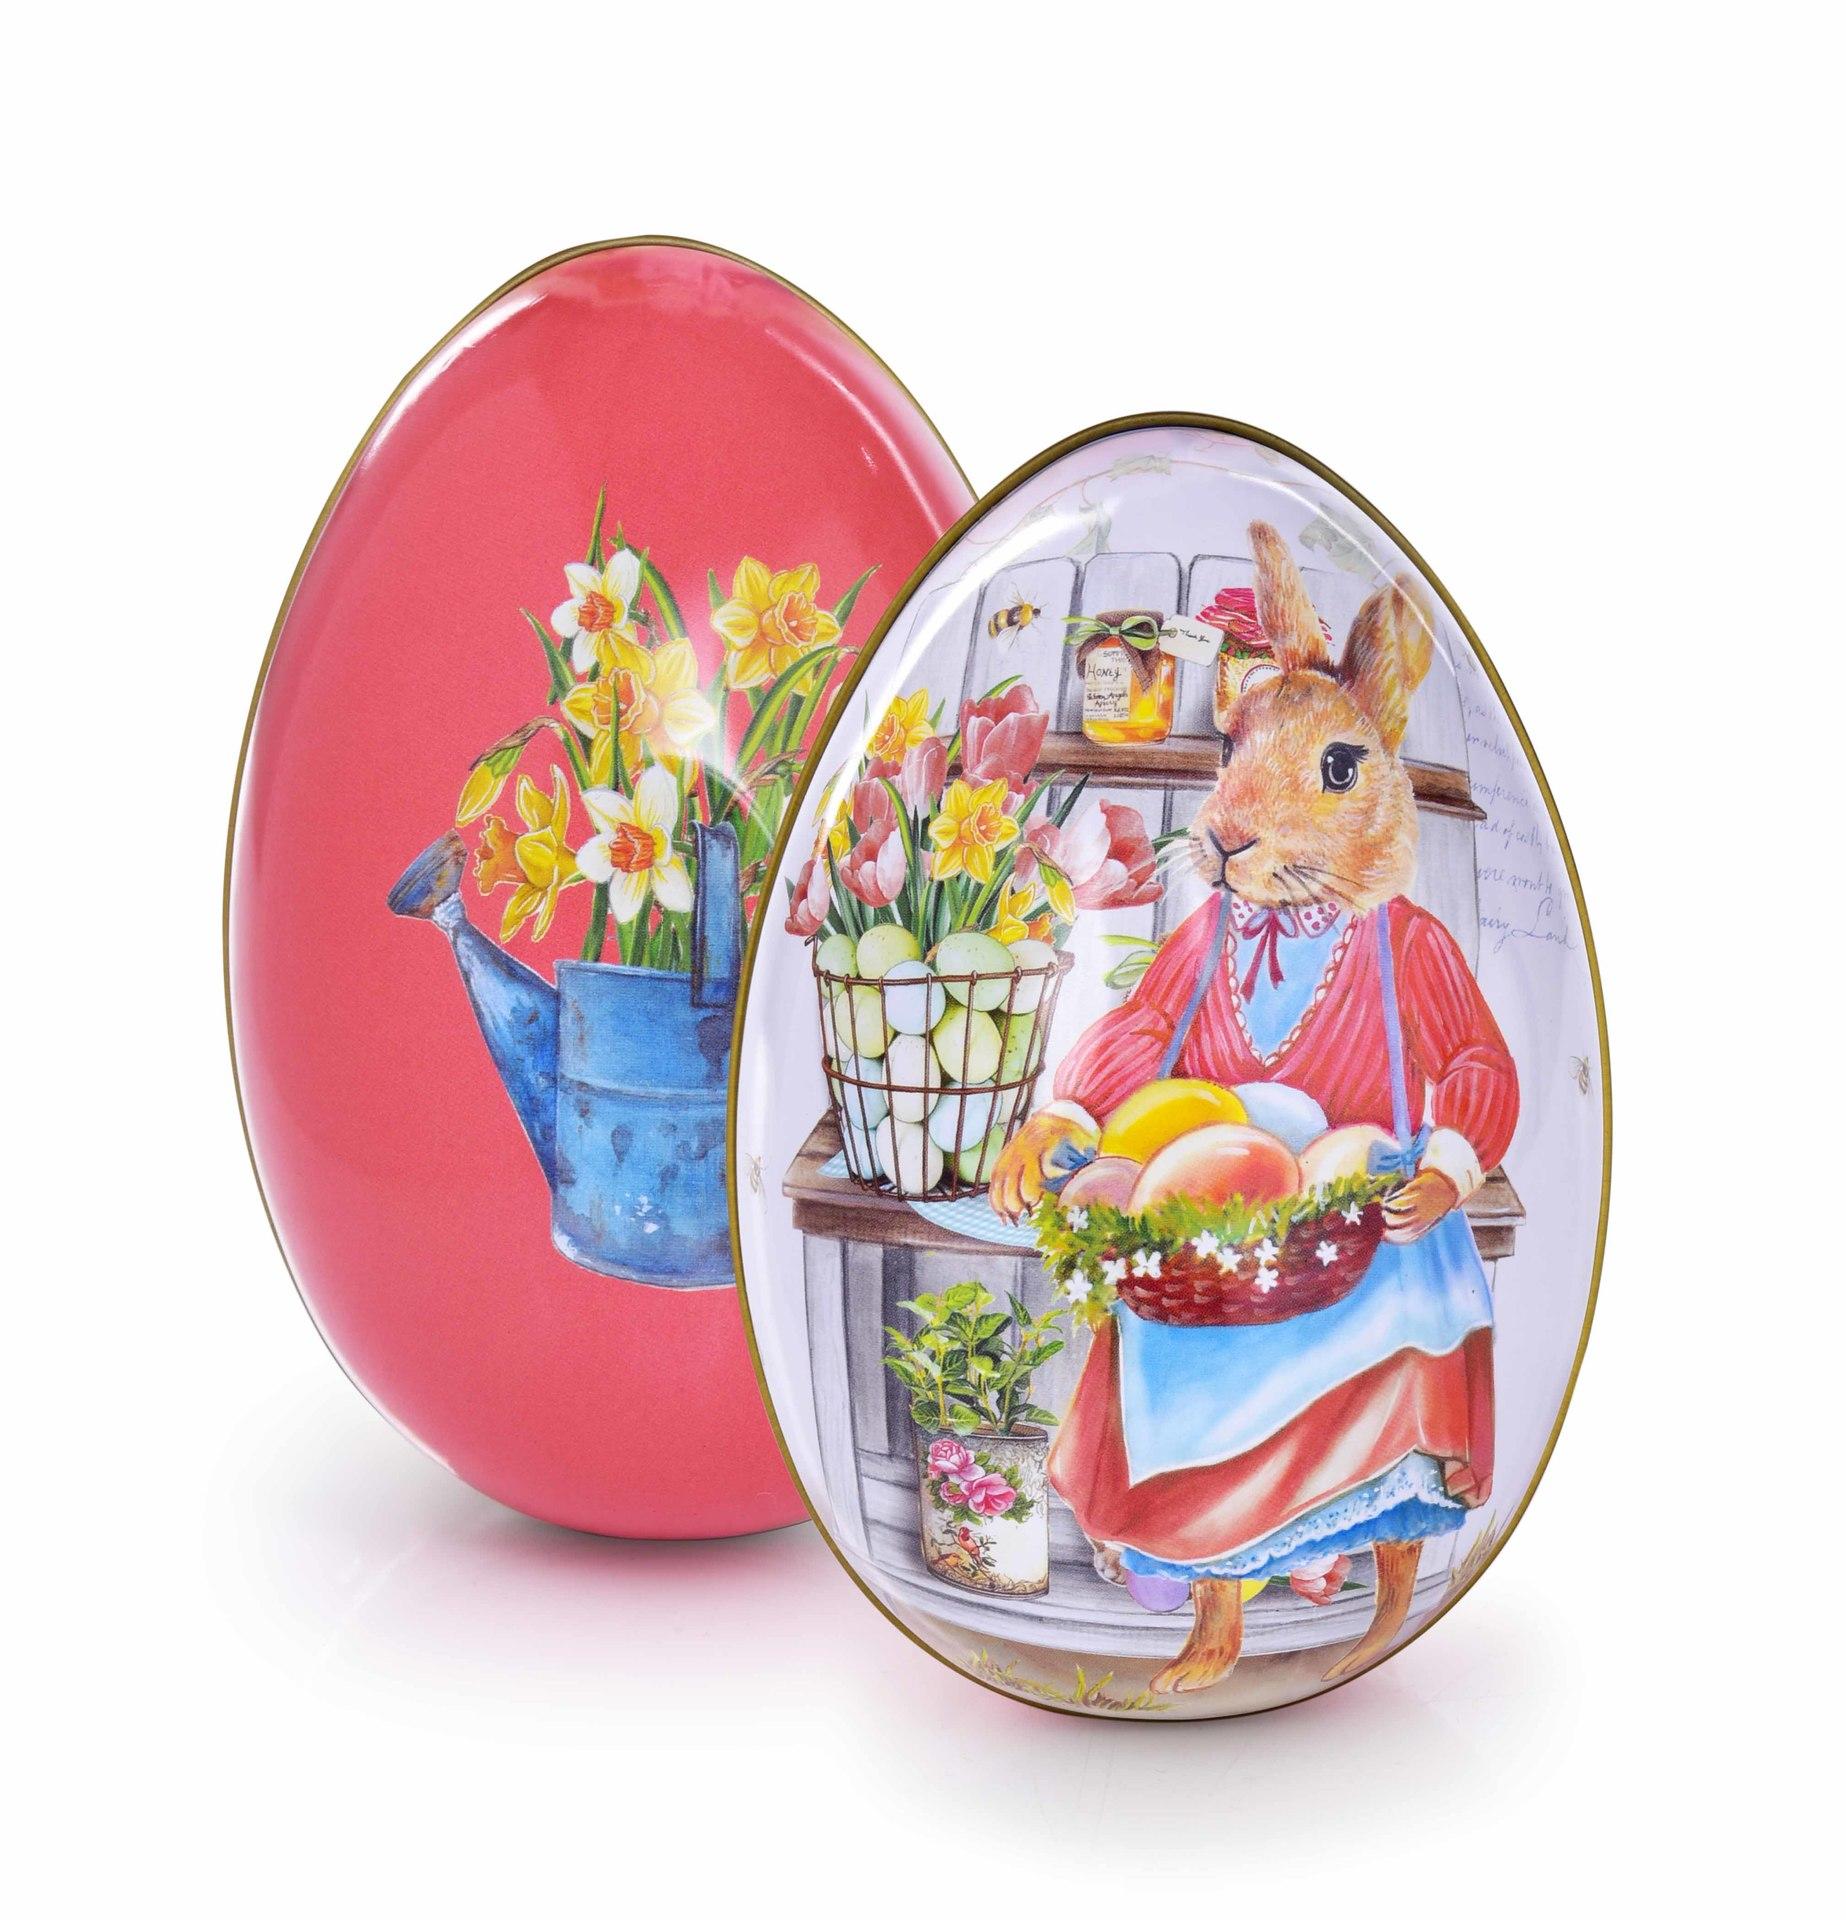 12 cm velké vejce na překvapení pro koledníky, kovové, lososové